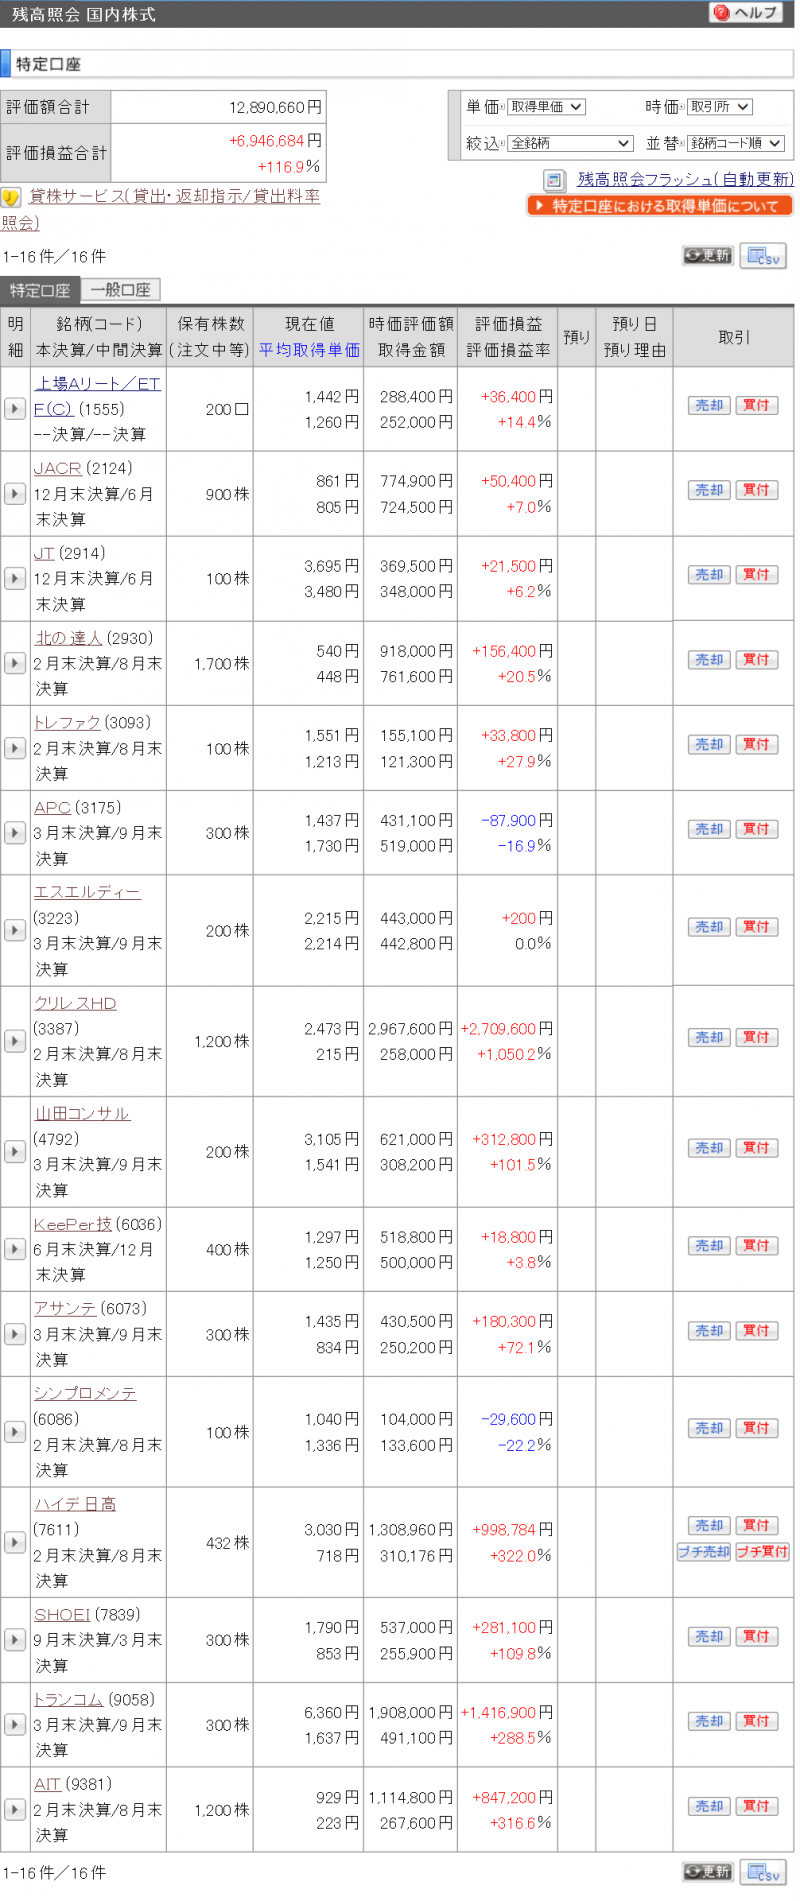 1510日本株_convert_20151005224835